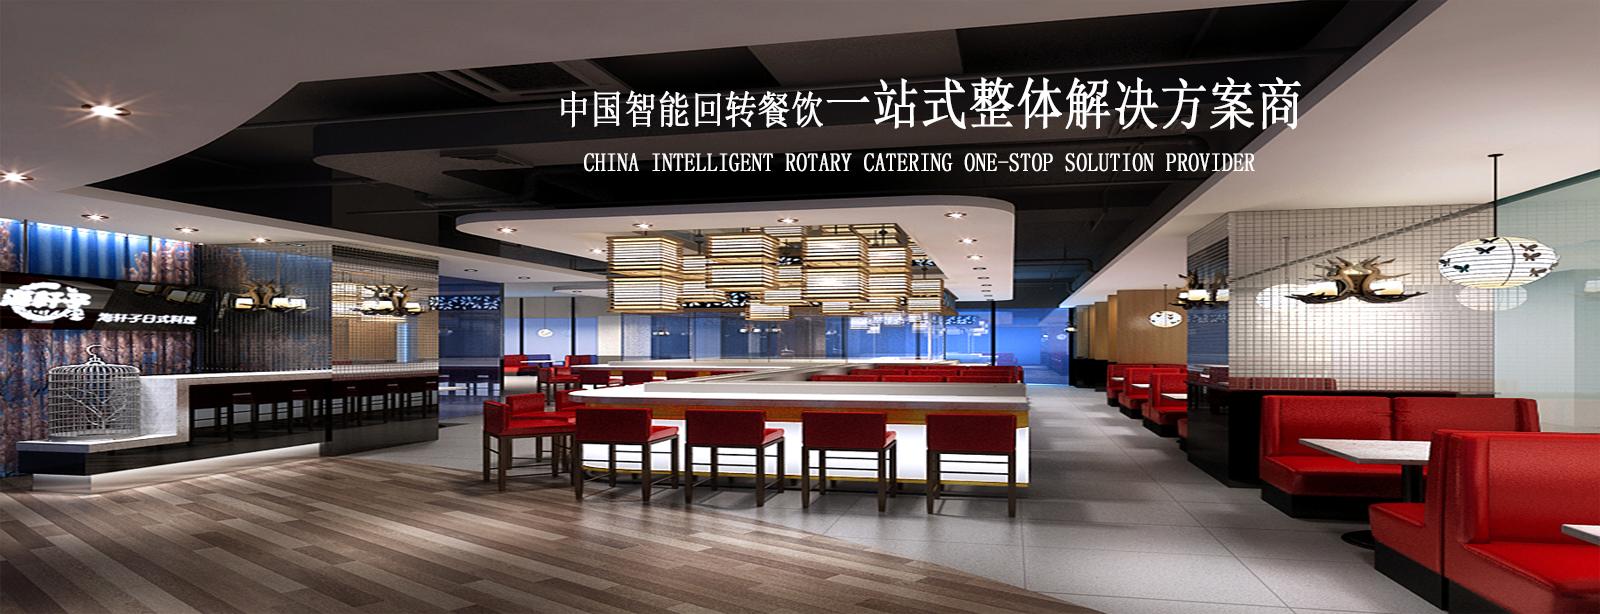 回转寿司输送设备,回转寿司输送带,回转火锅输送设备,广州市钎宇食品机械有限公司